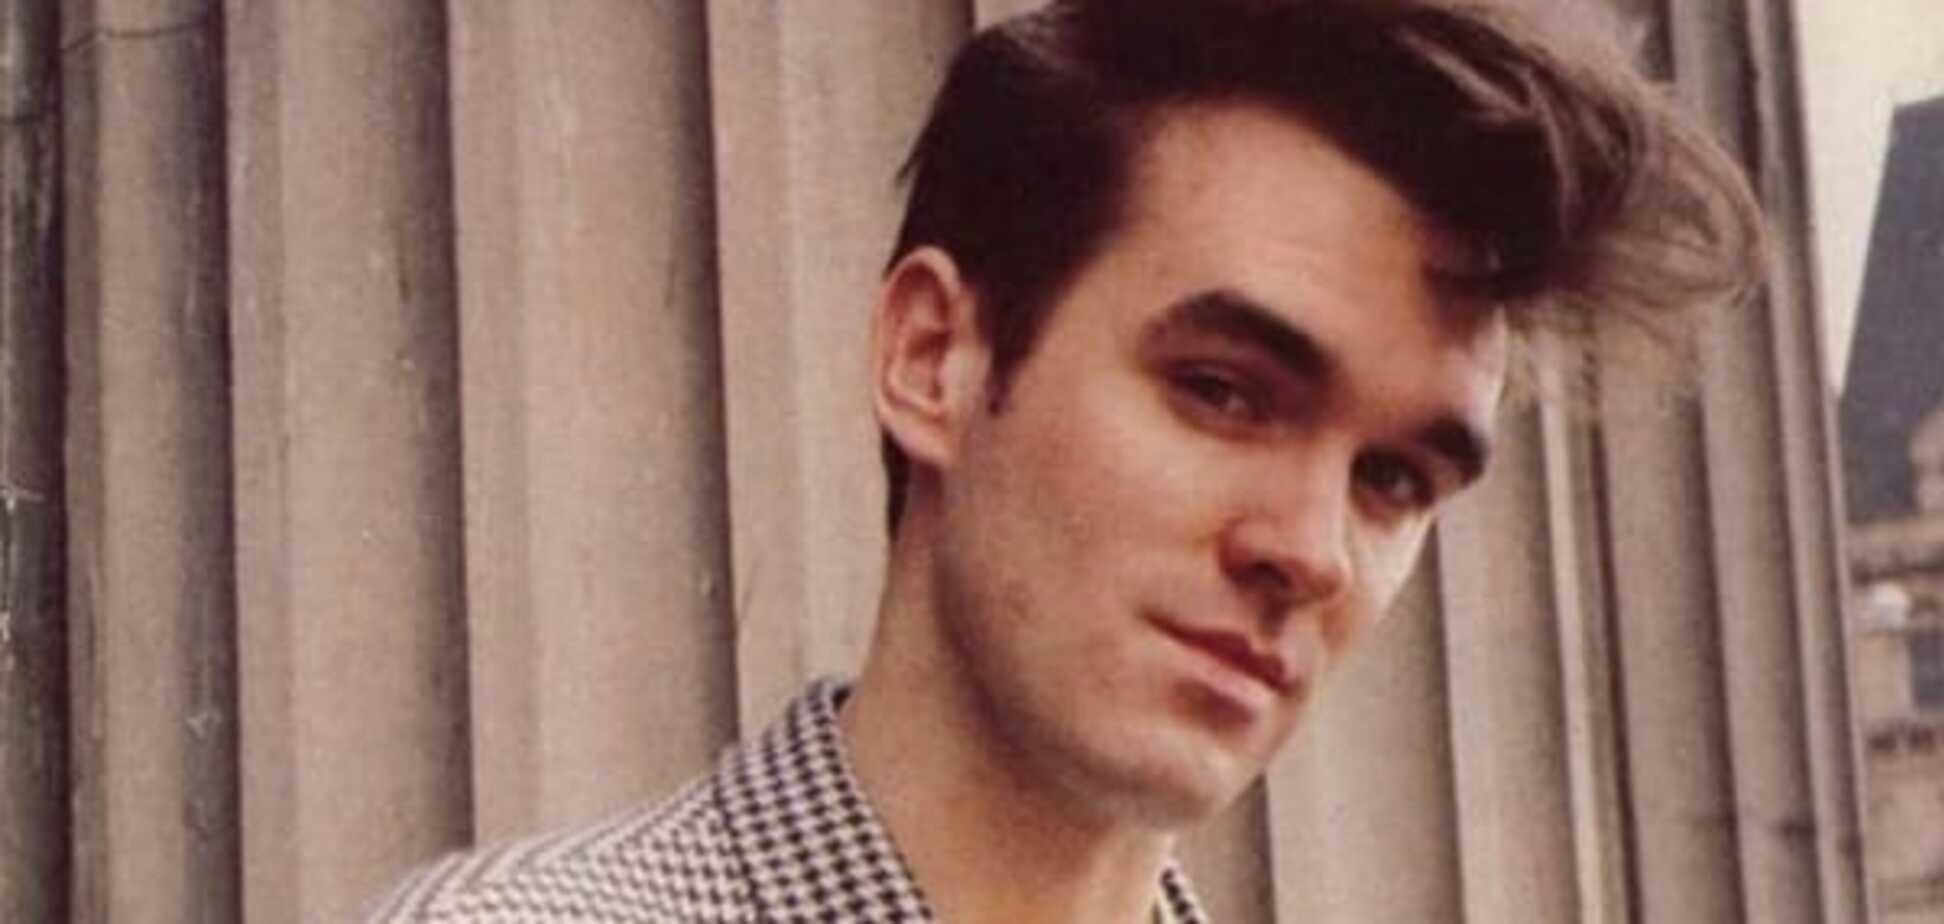 Знаменитый британский музыкант выиграл антипремию за худшее описание секса в литературе